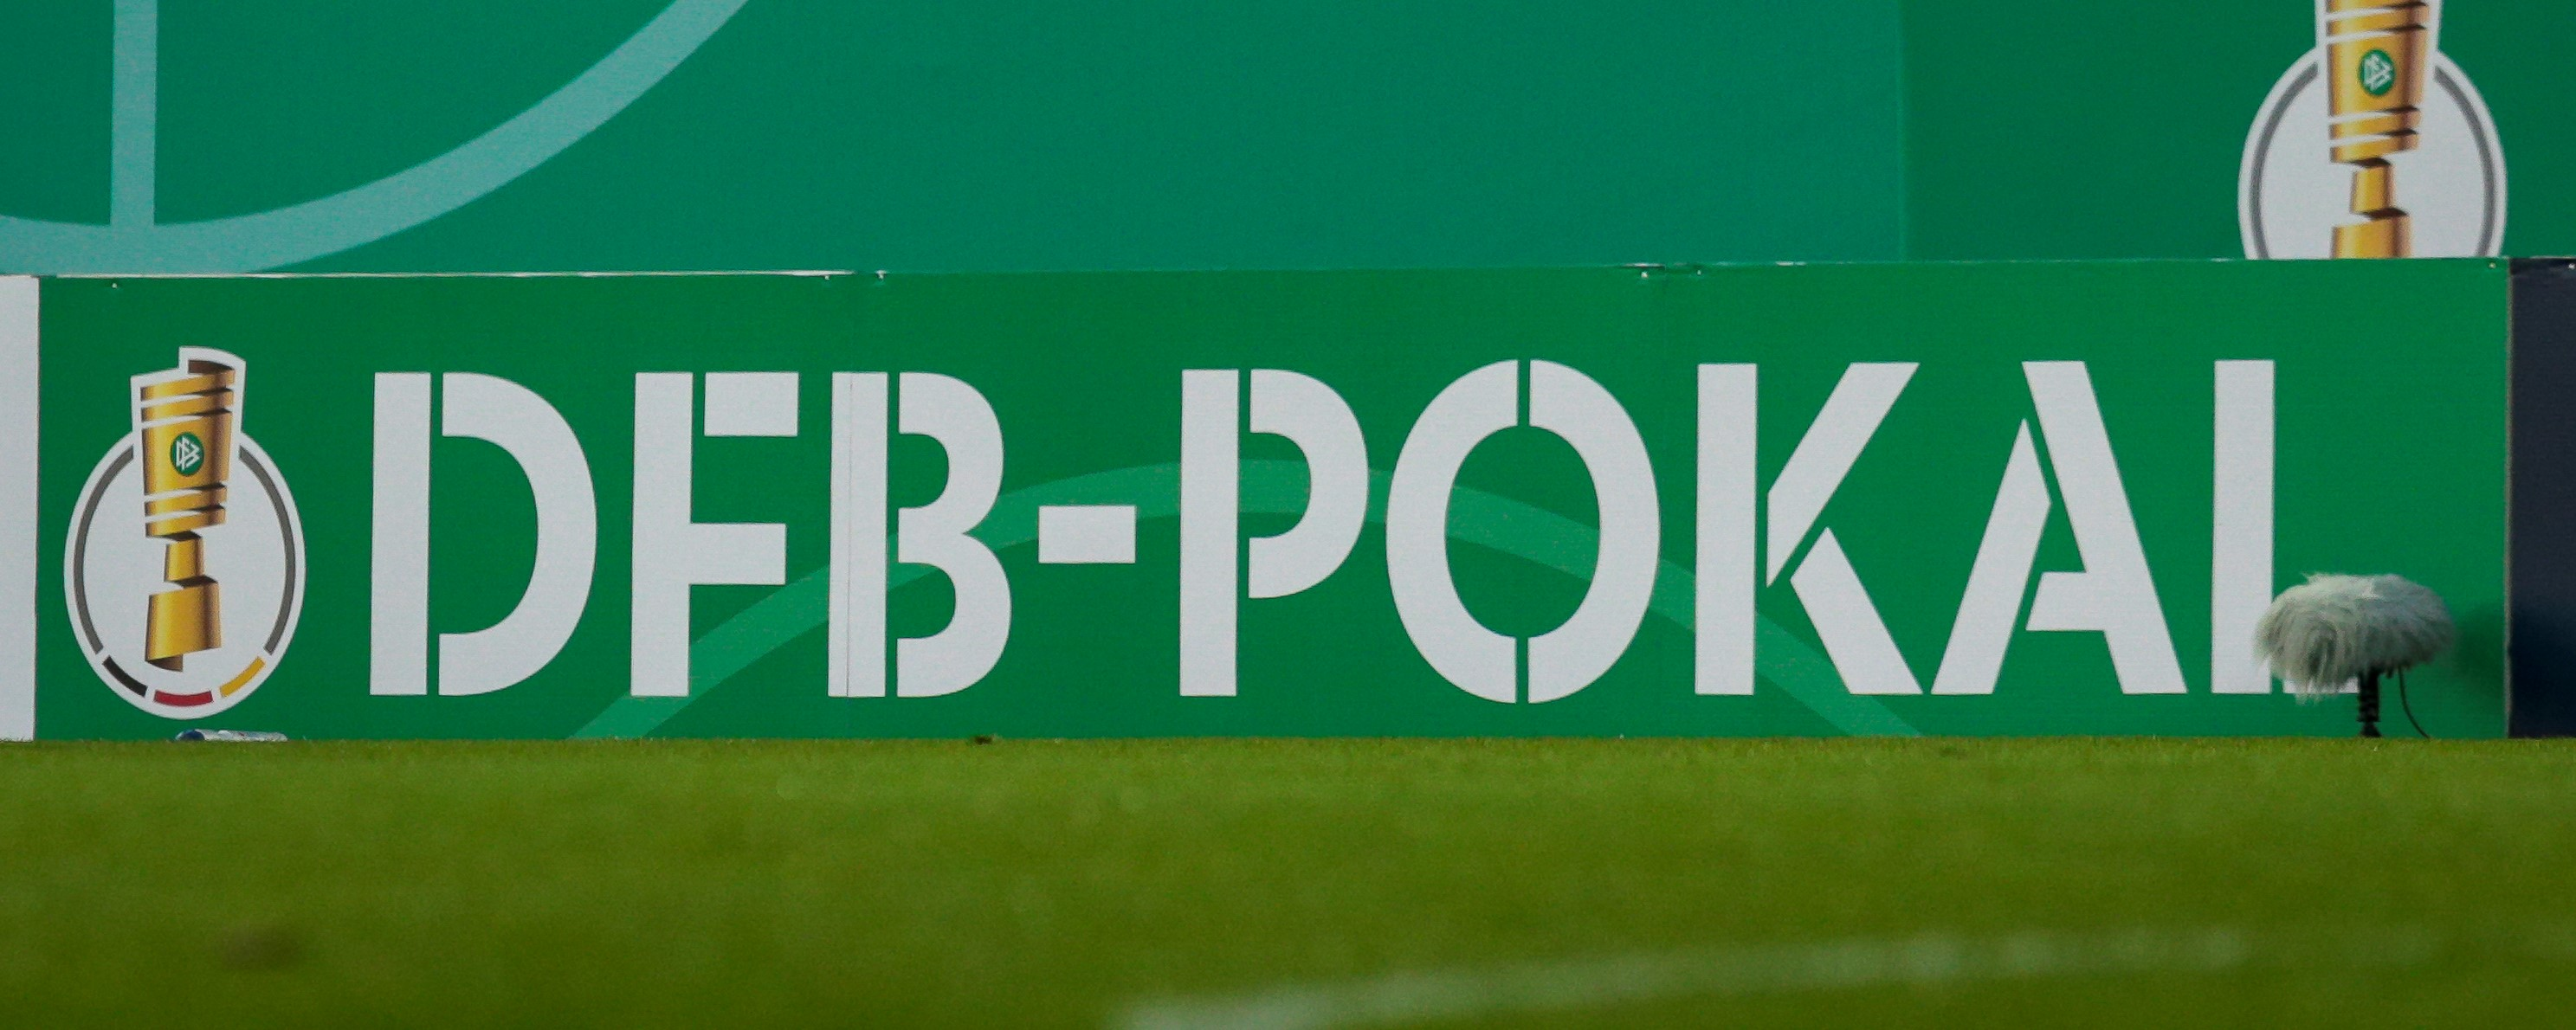 Die 2. Runde des nationalen Pokalwettbewerbs ist ausgelost. (Foto: Endberg)